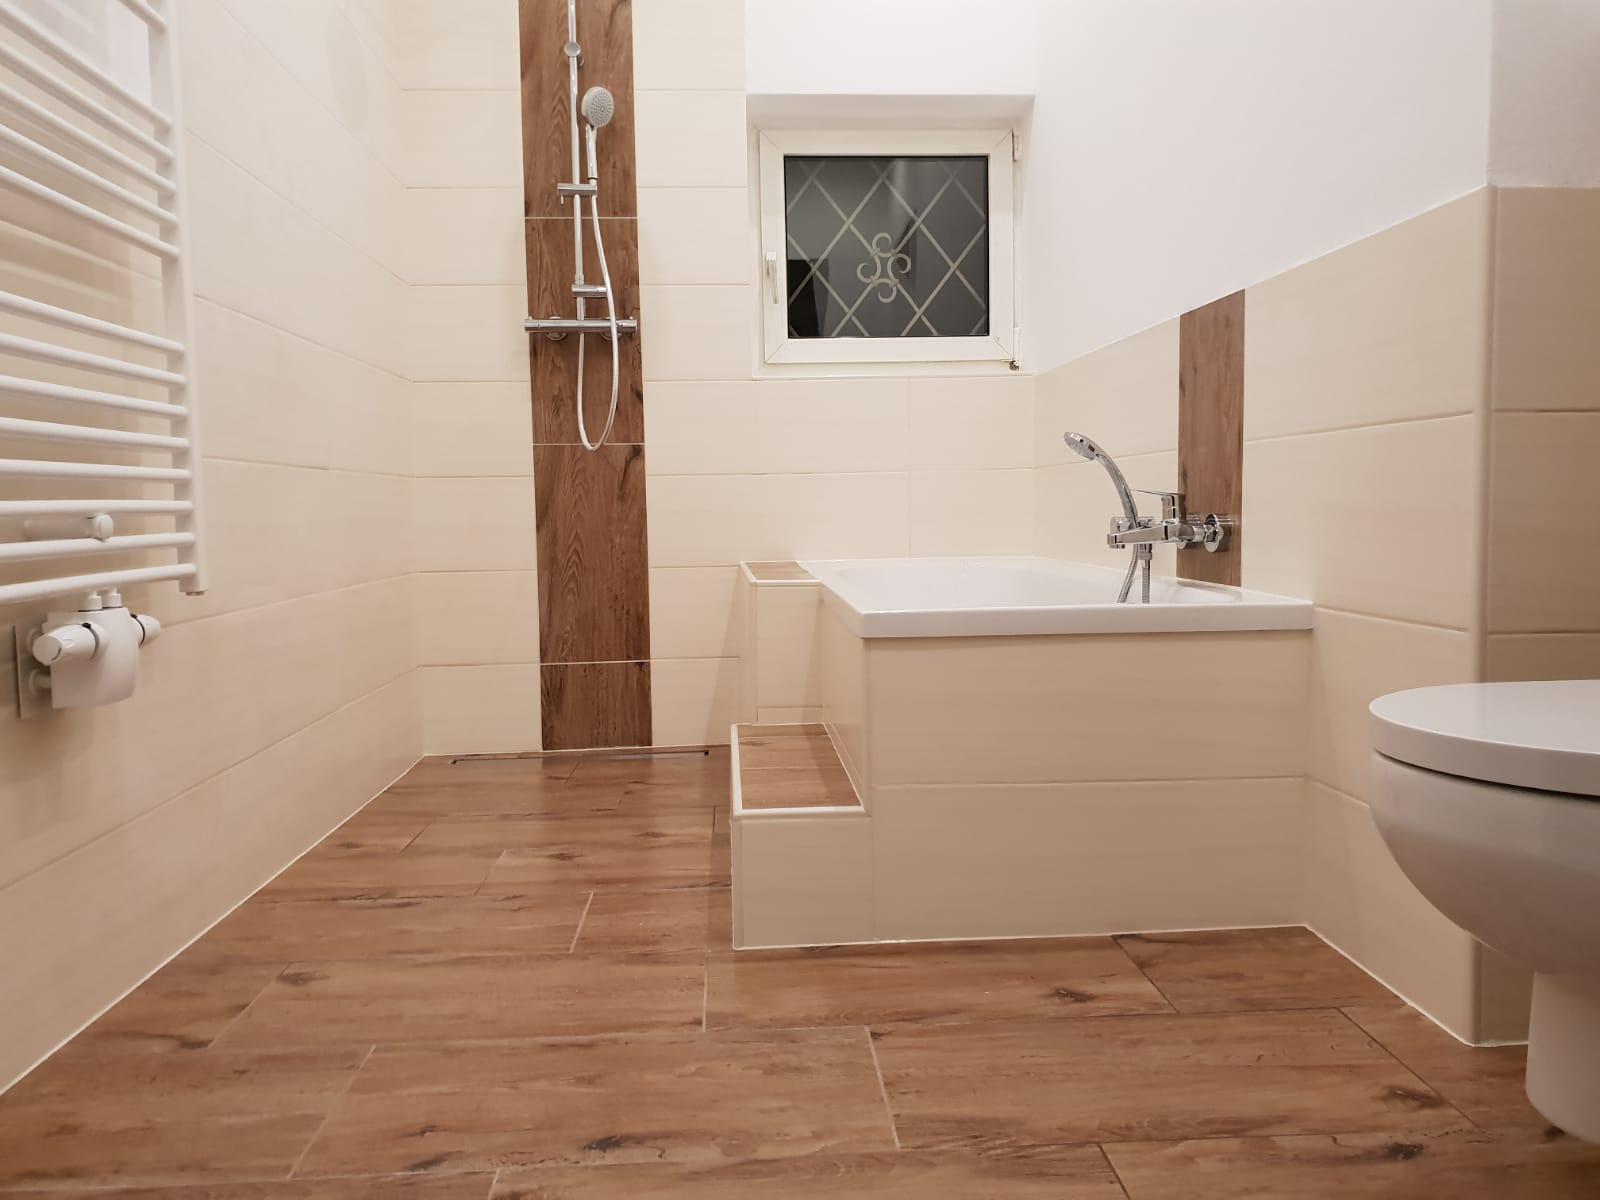 Barrierefreies Badezimmer mit Fliesen in wunderschöner Holzoptik